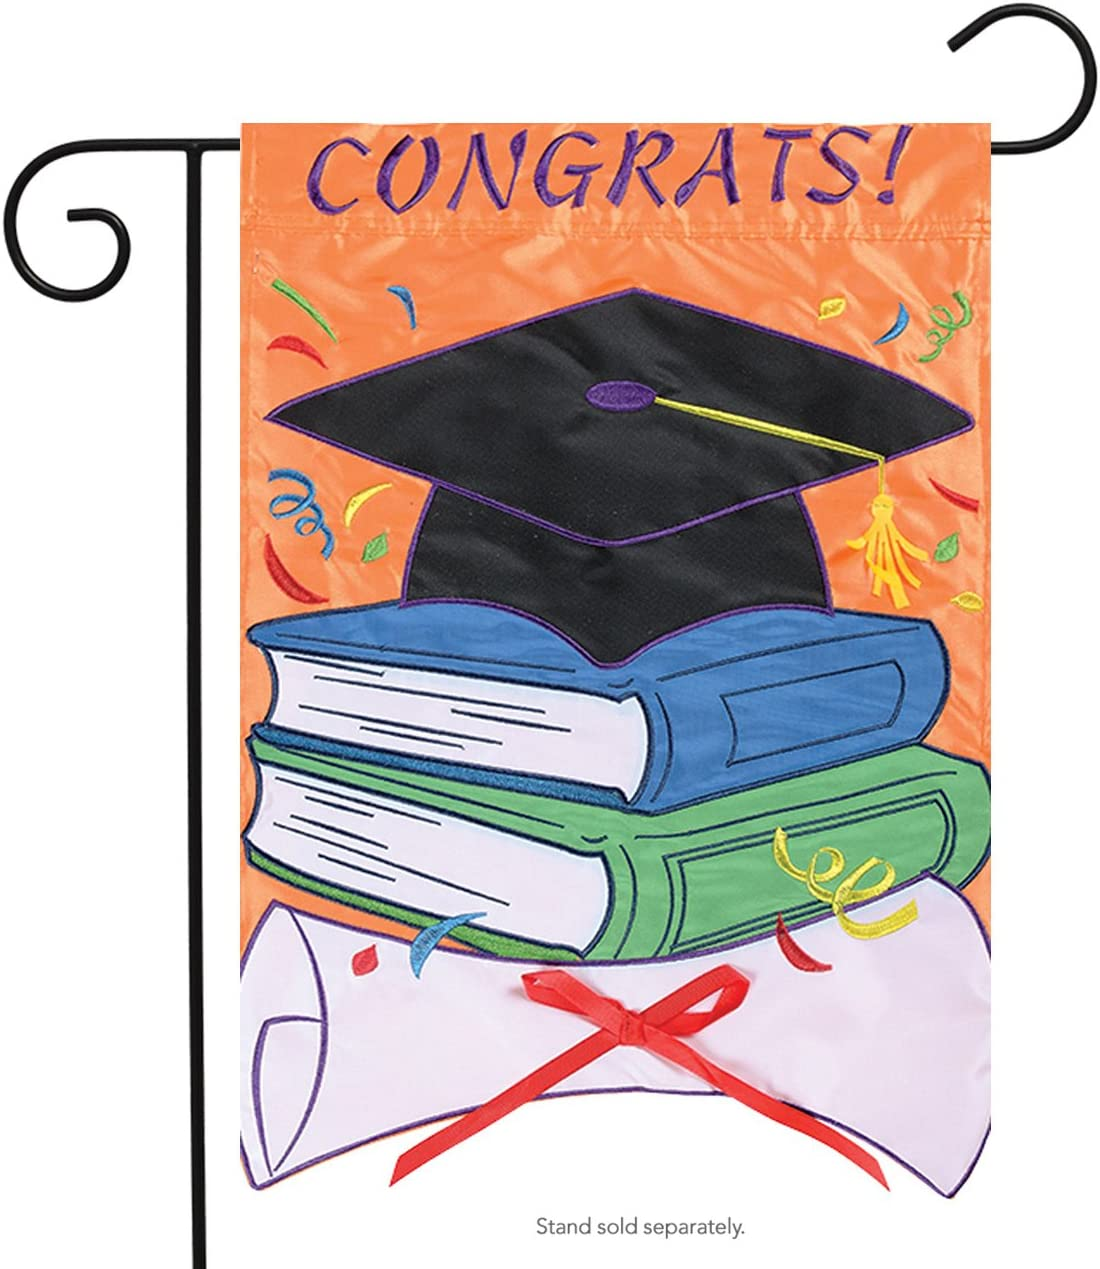 Carson Applique Garden Flag - Congrats!